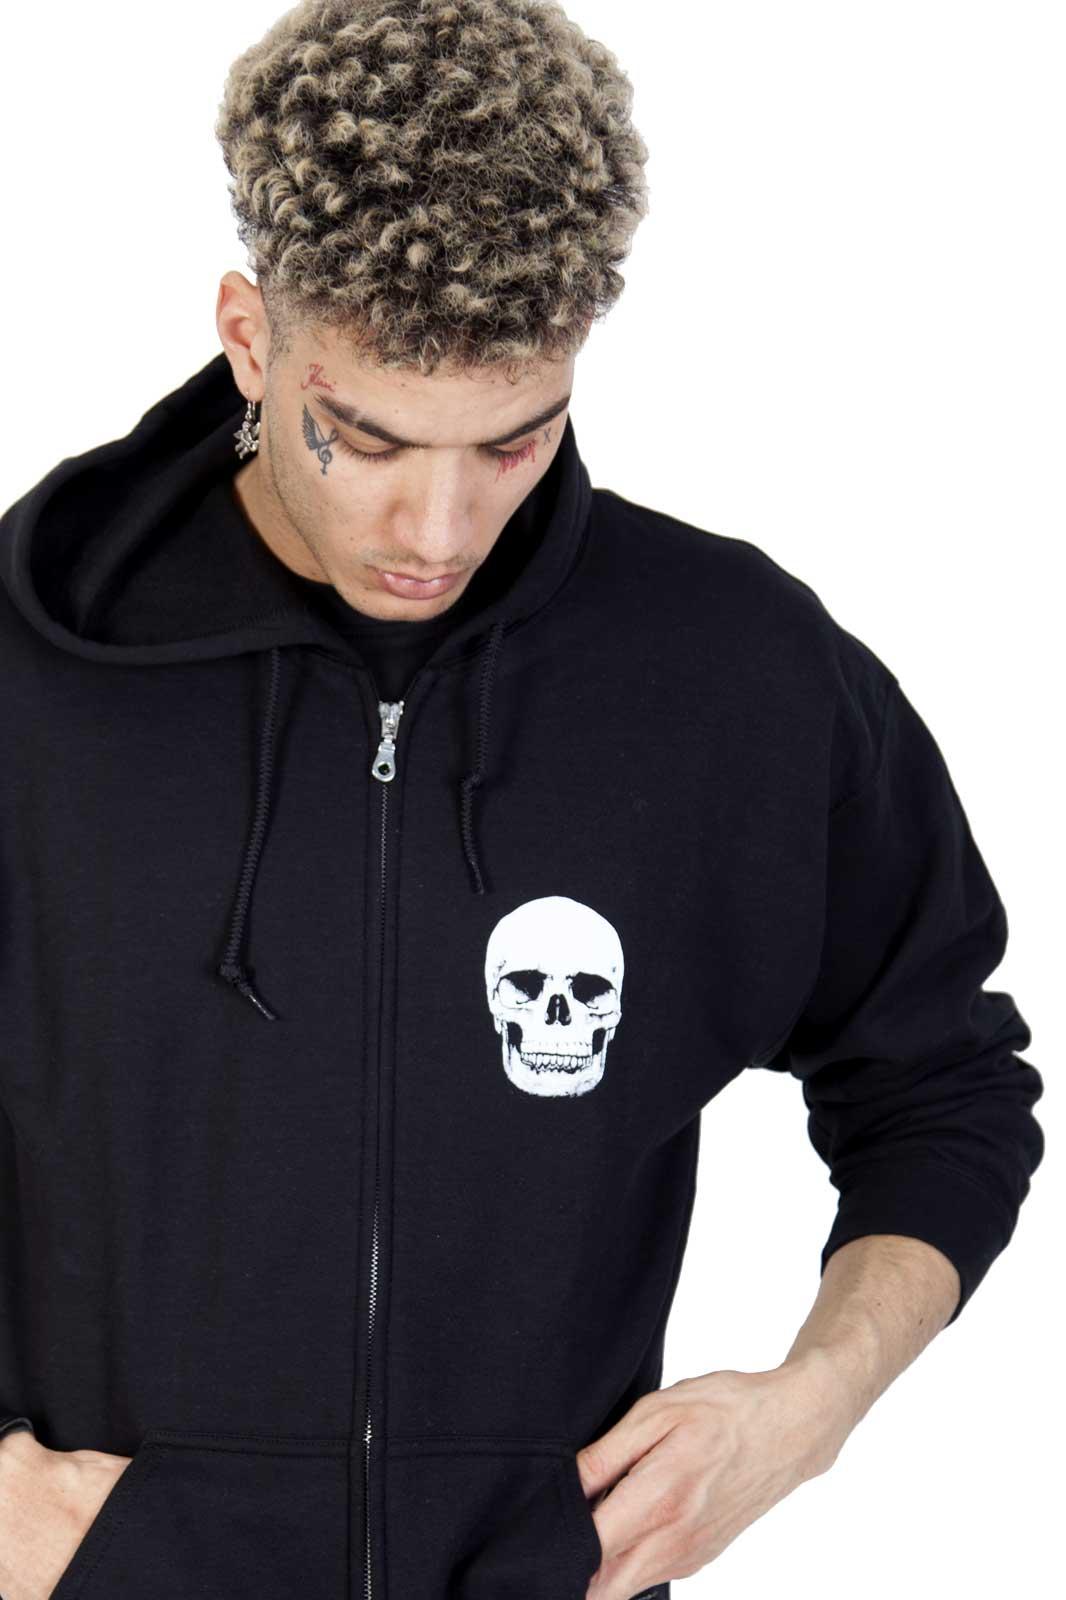 Köp din Zip hoodie Skull hos Shock! Hoodie med döskalle från Tronseal 0d1cc5f0c60bc